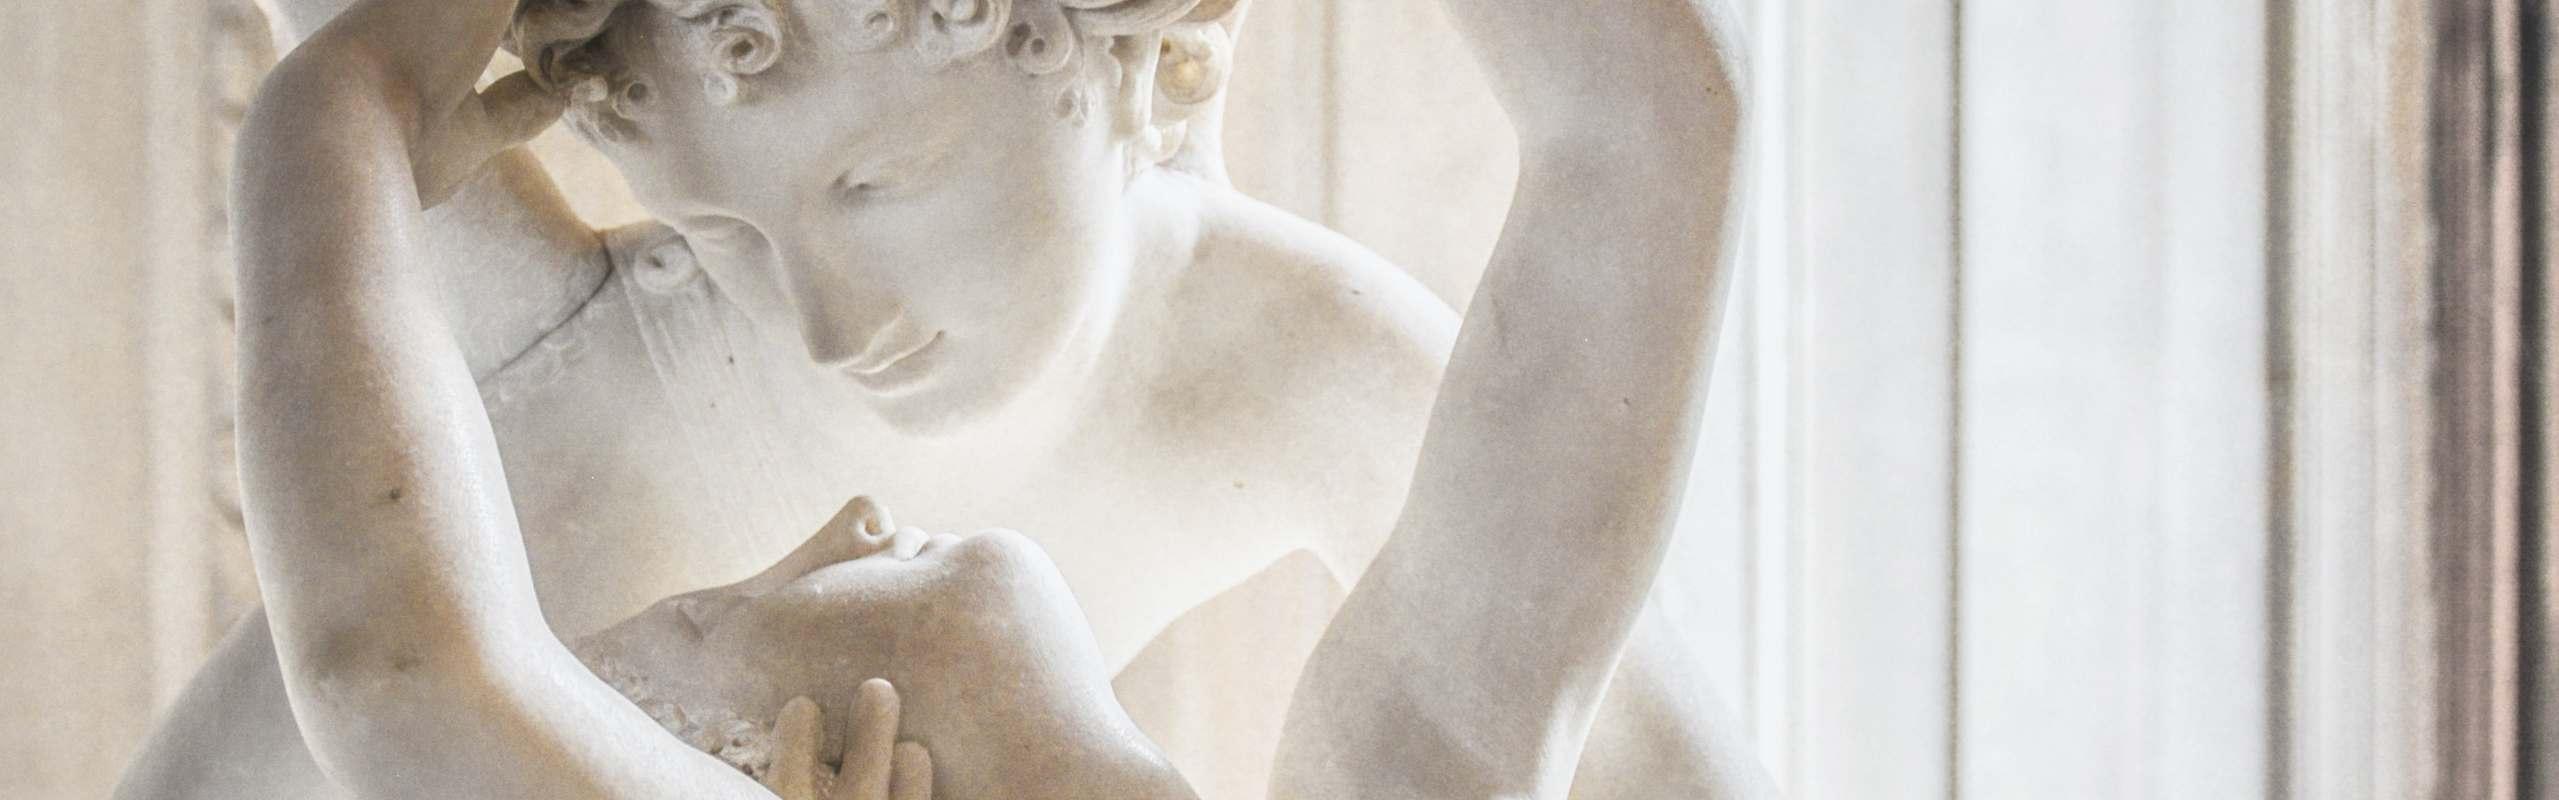 Descubre estas esculturas famosas: el rapto de las sabinas y el pensador